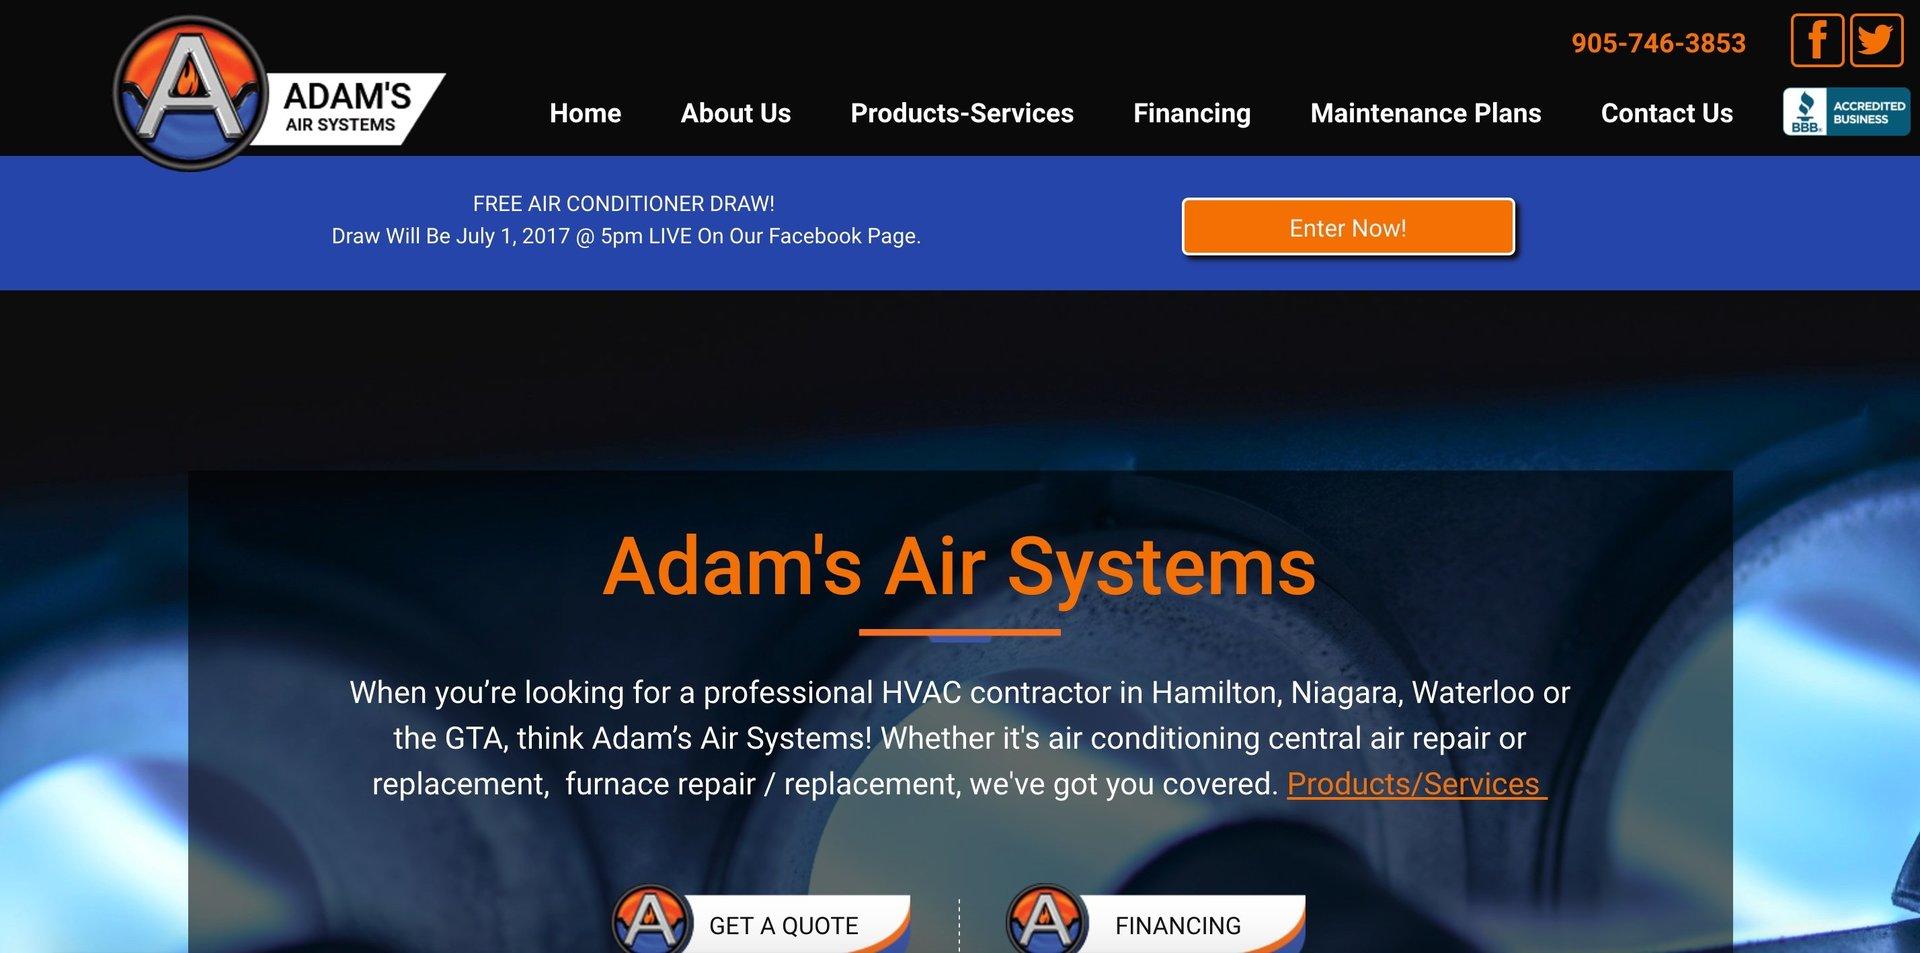 Adam's Air Systems